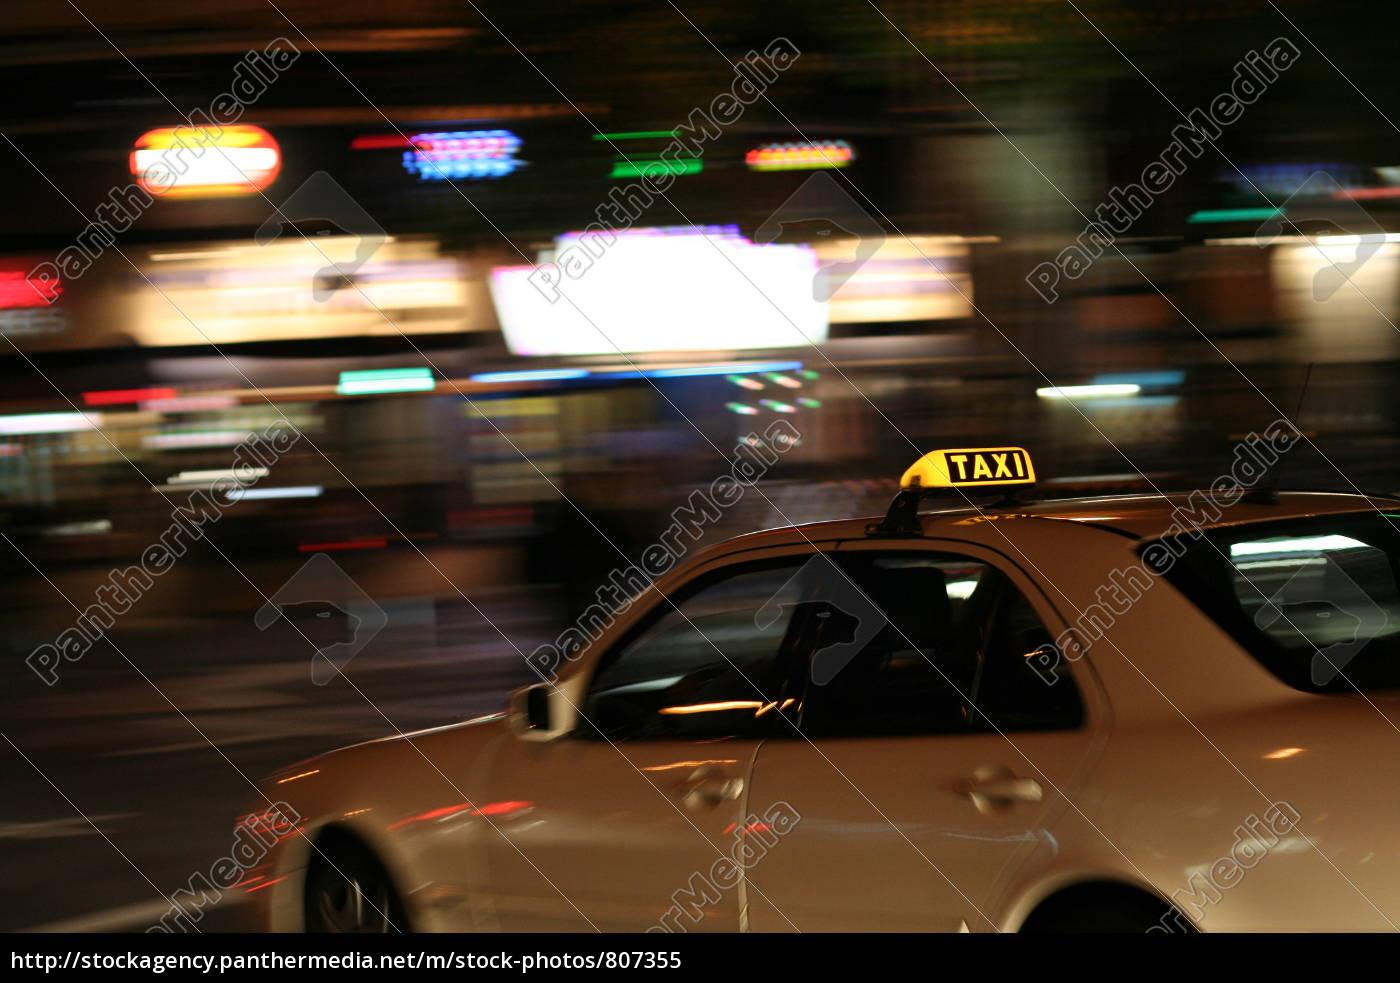 taxi - 807355